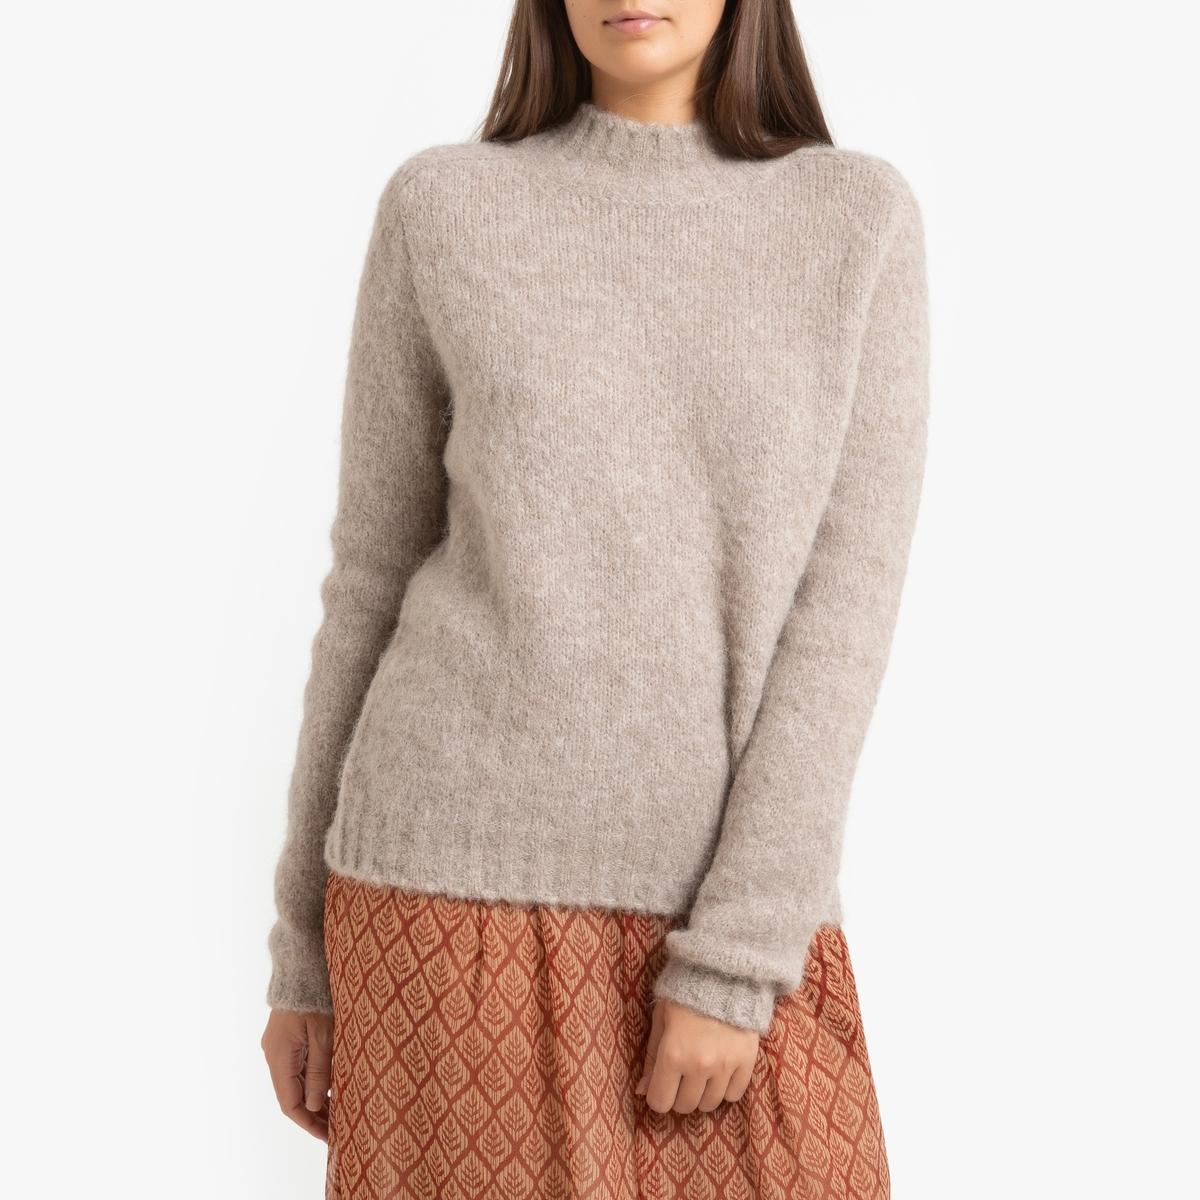 Пуловер La Redoute Из плотного трикотажа MYELITA 3(L) бежевый пуловер la redoute из тонкого трикотажа со шнуровкой l бежевый